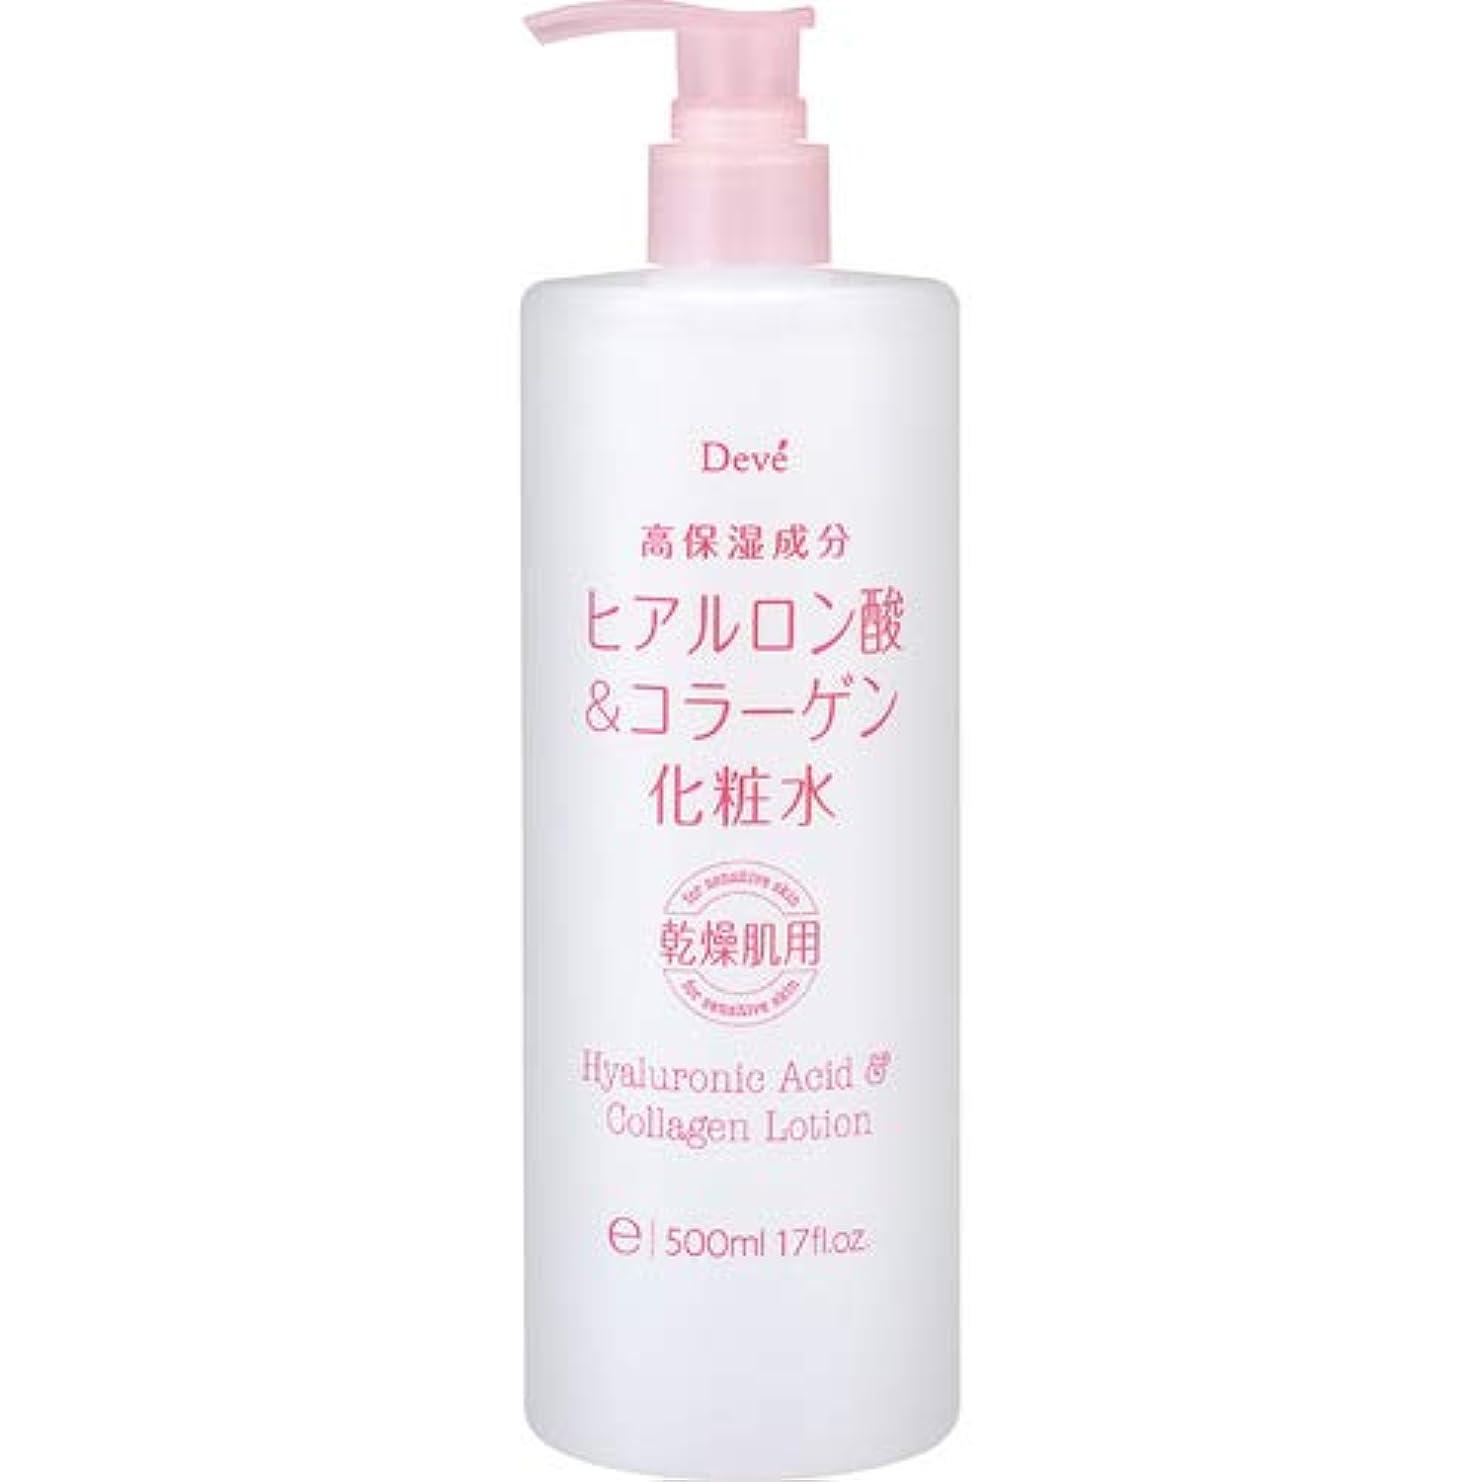 満足キウイシェーバーディブ ヒアルロン酸&コラーゲン化粧水 500mL